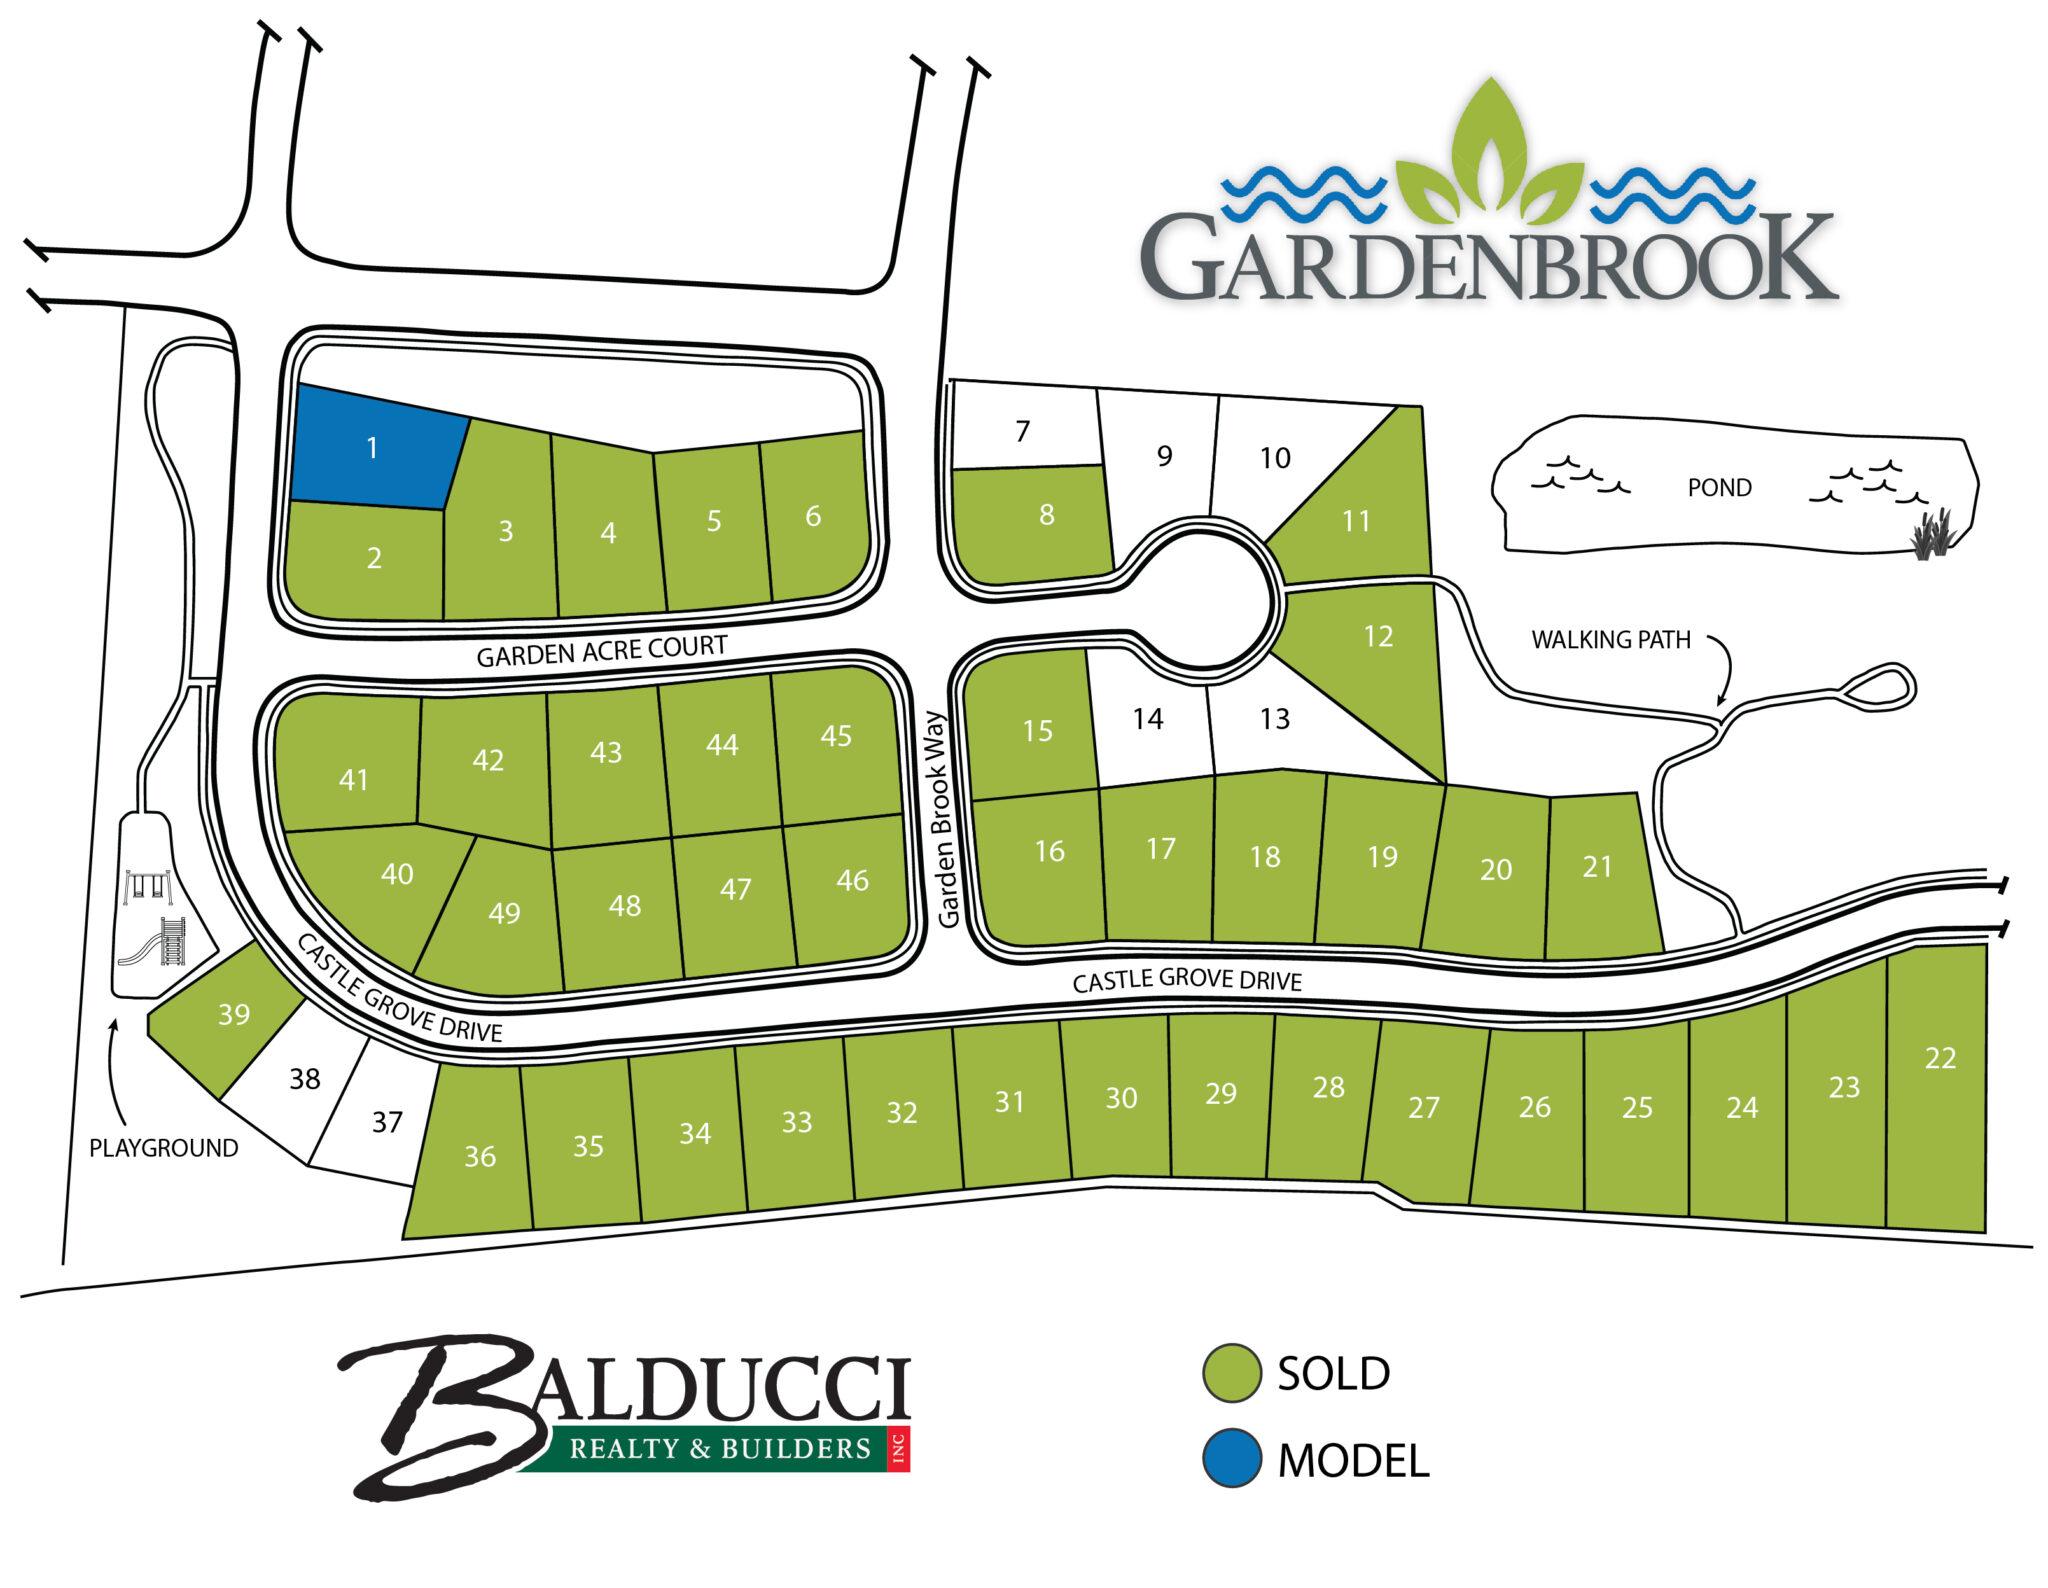 https://gardenbrookhomes.com/wp-content/uploads/2021/05/Gardenbrook-Plat-01.jpg